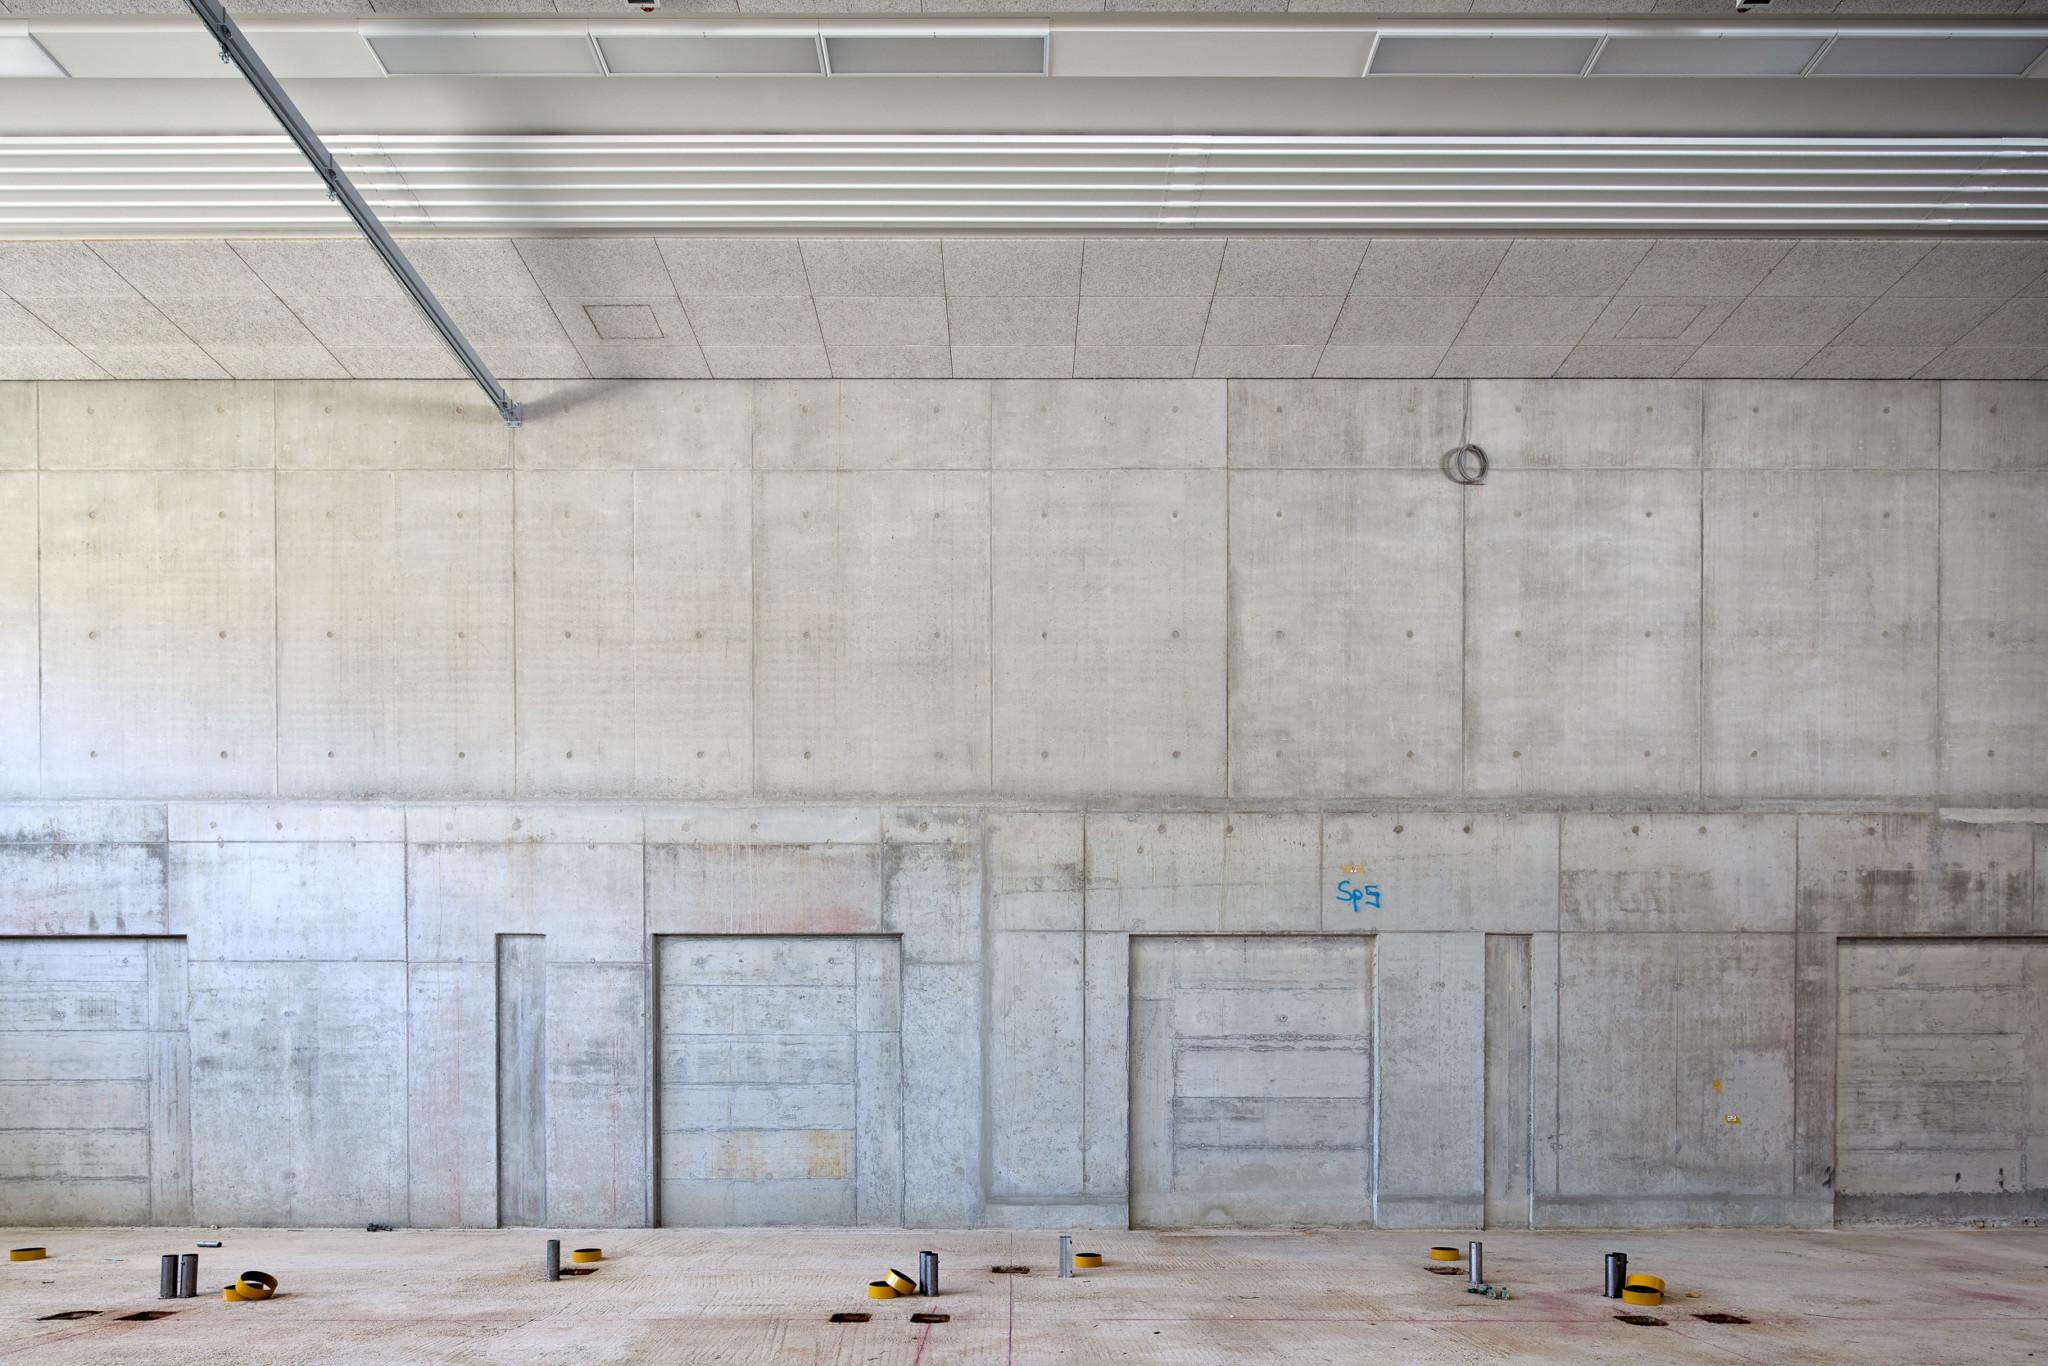 Blick auf einen großen Raum komplett aus Beton gegossen. Der Beton ist noch unverputzt. Auf dem Boden liegen Kleberollen verstreut.